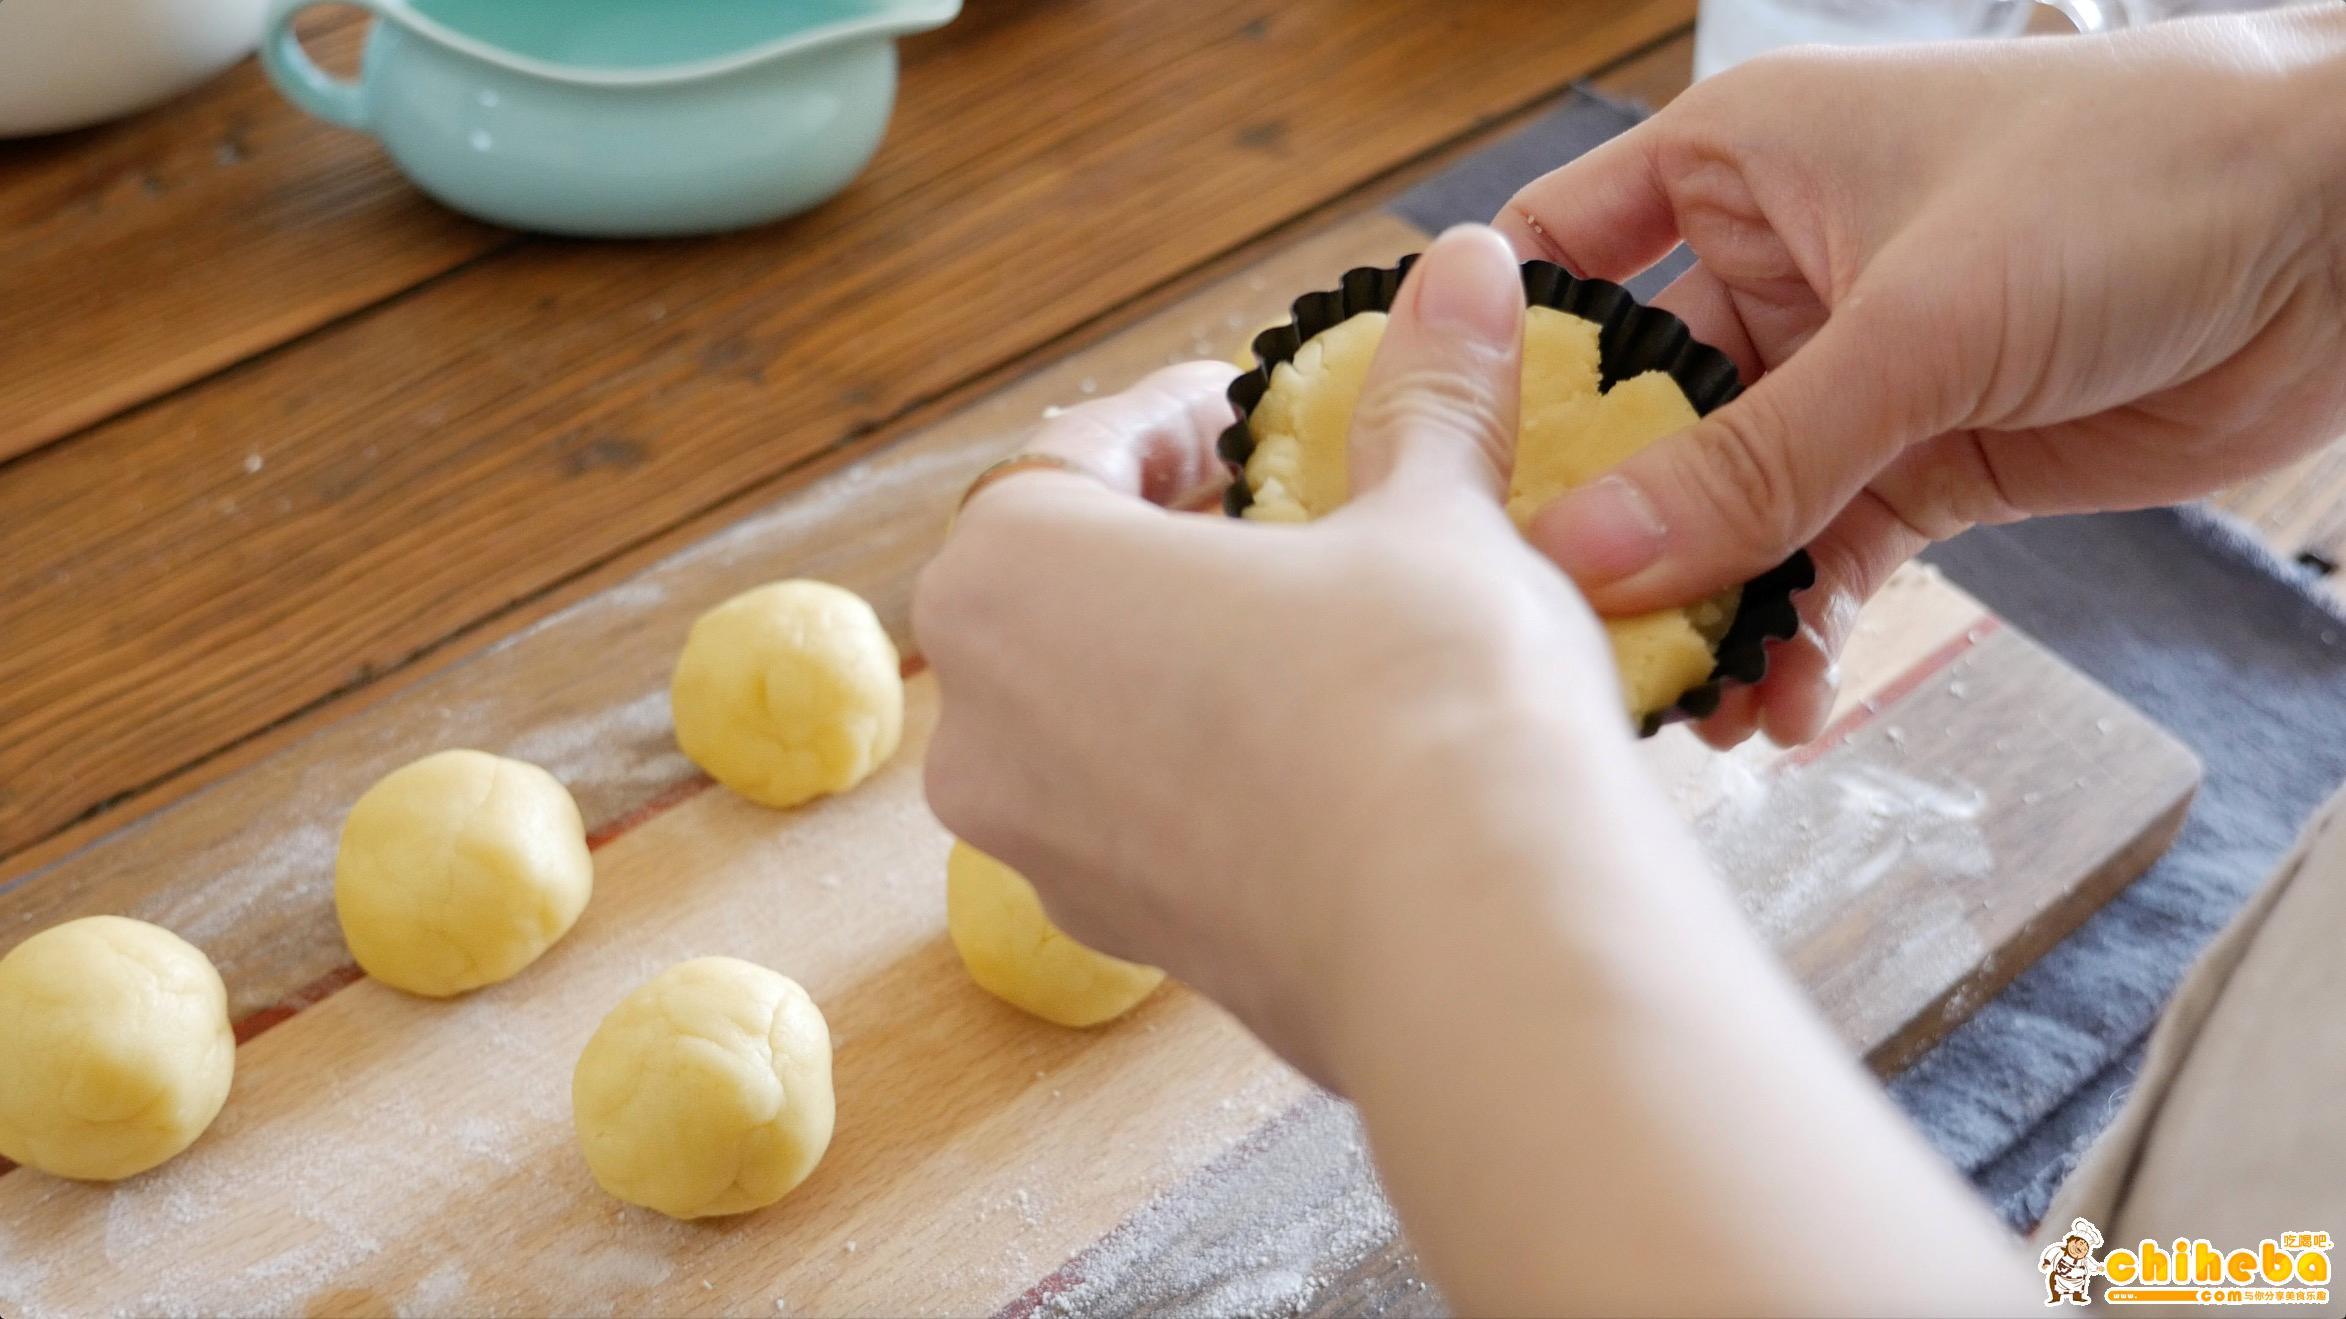 流心芝士塔---来自林育瑋大师分享的配方,秒杀一切蛋挞的做法 步骤11